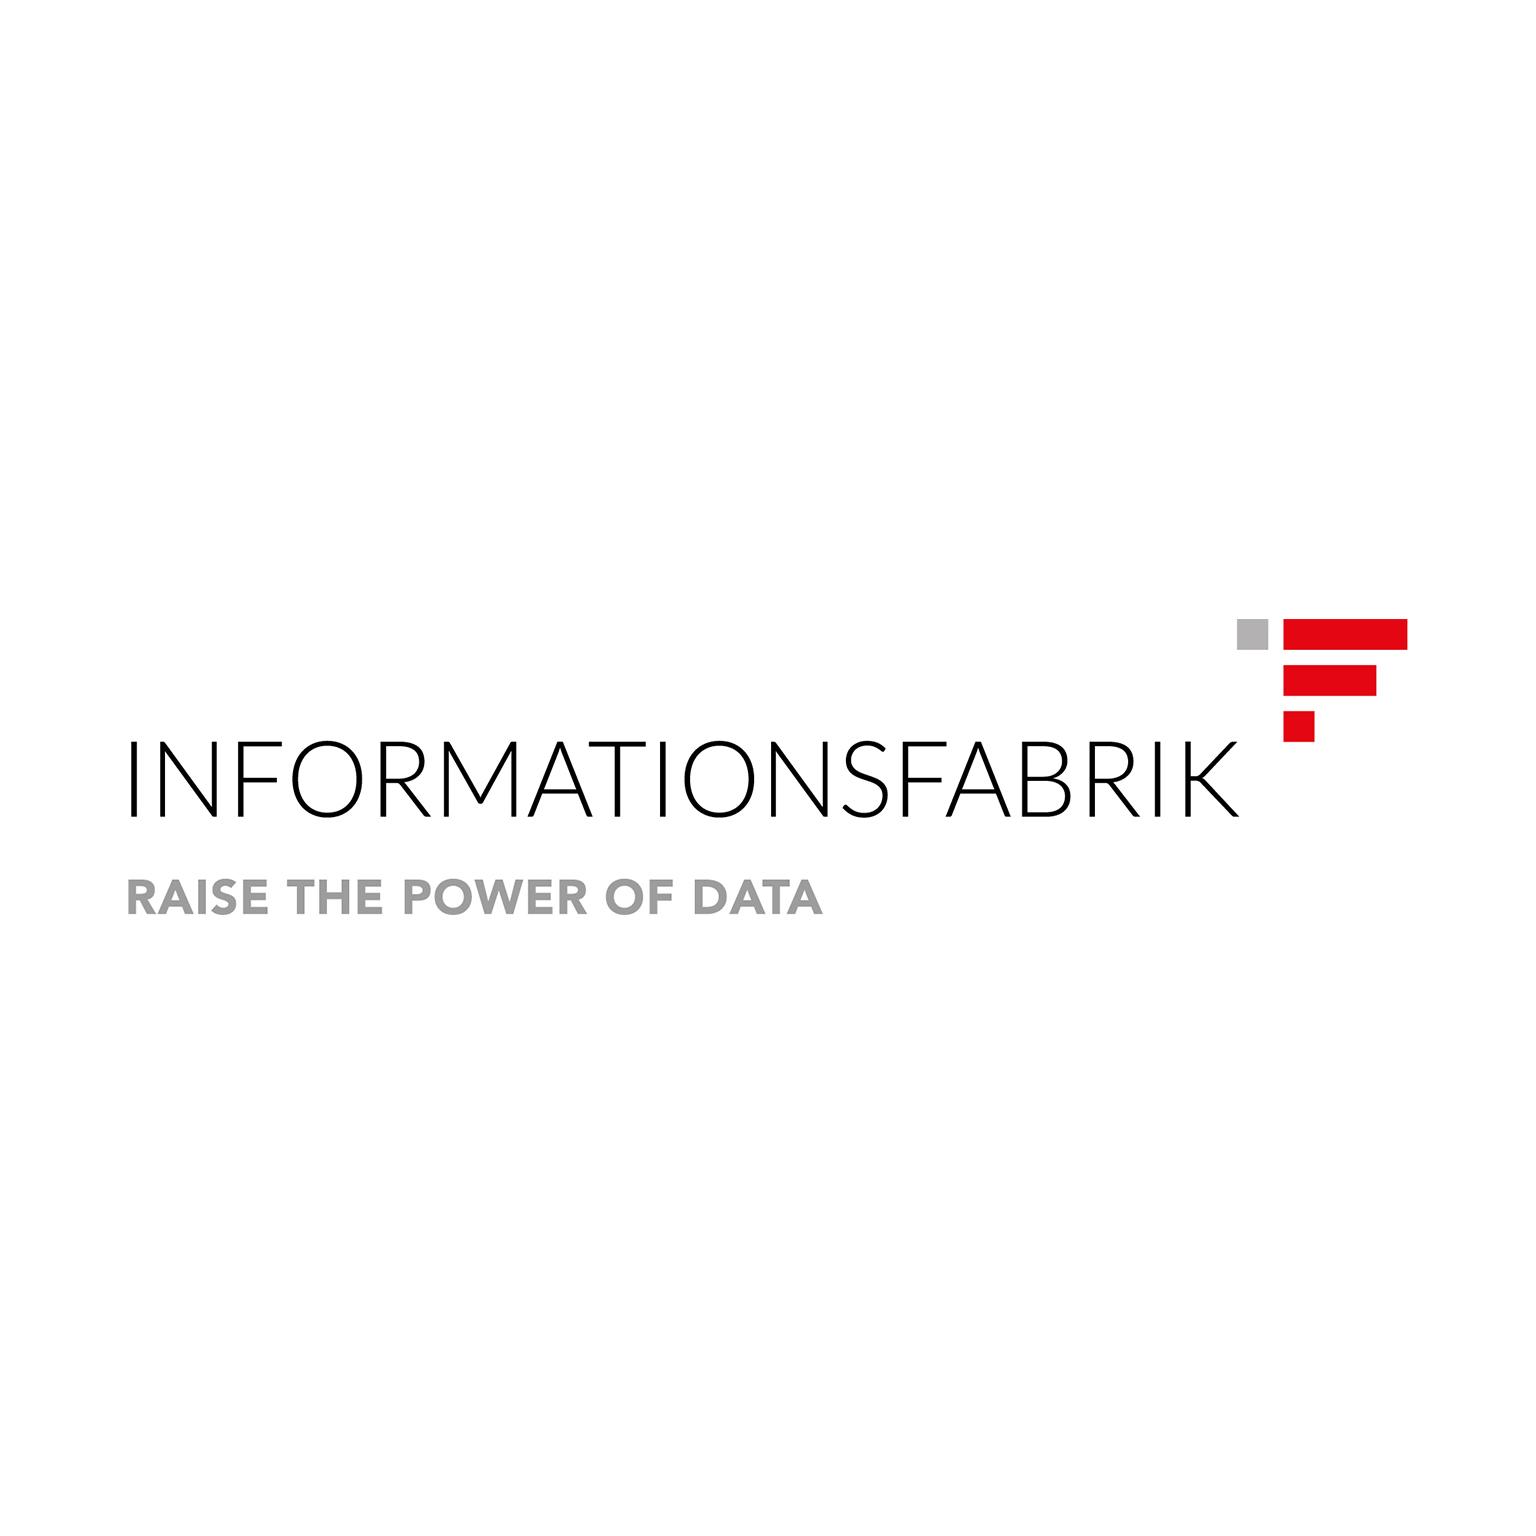 Partner: Informationsfabrik